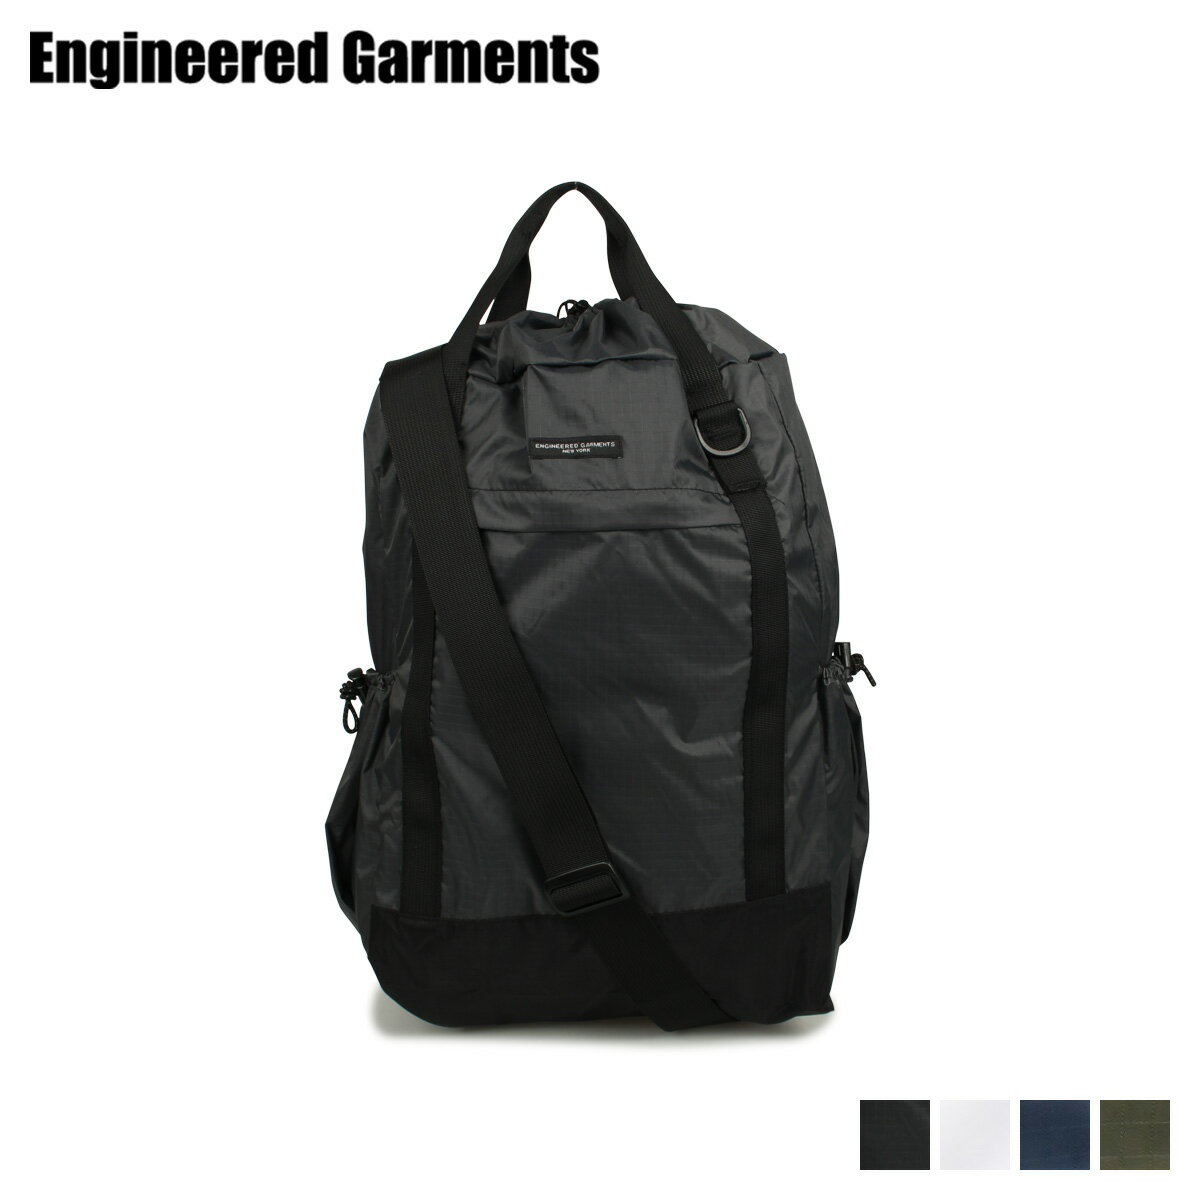 男女兼用バッグ, ショルダーバッグ・メッセンジャーバッグ 1000OFF ENGINEERED GARMENTS 3WAY UL 3 WAY BAG 20F1H034